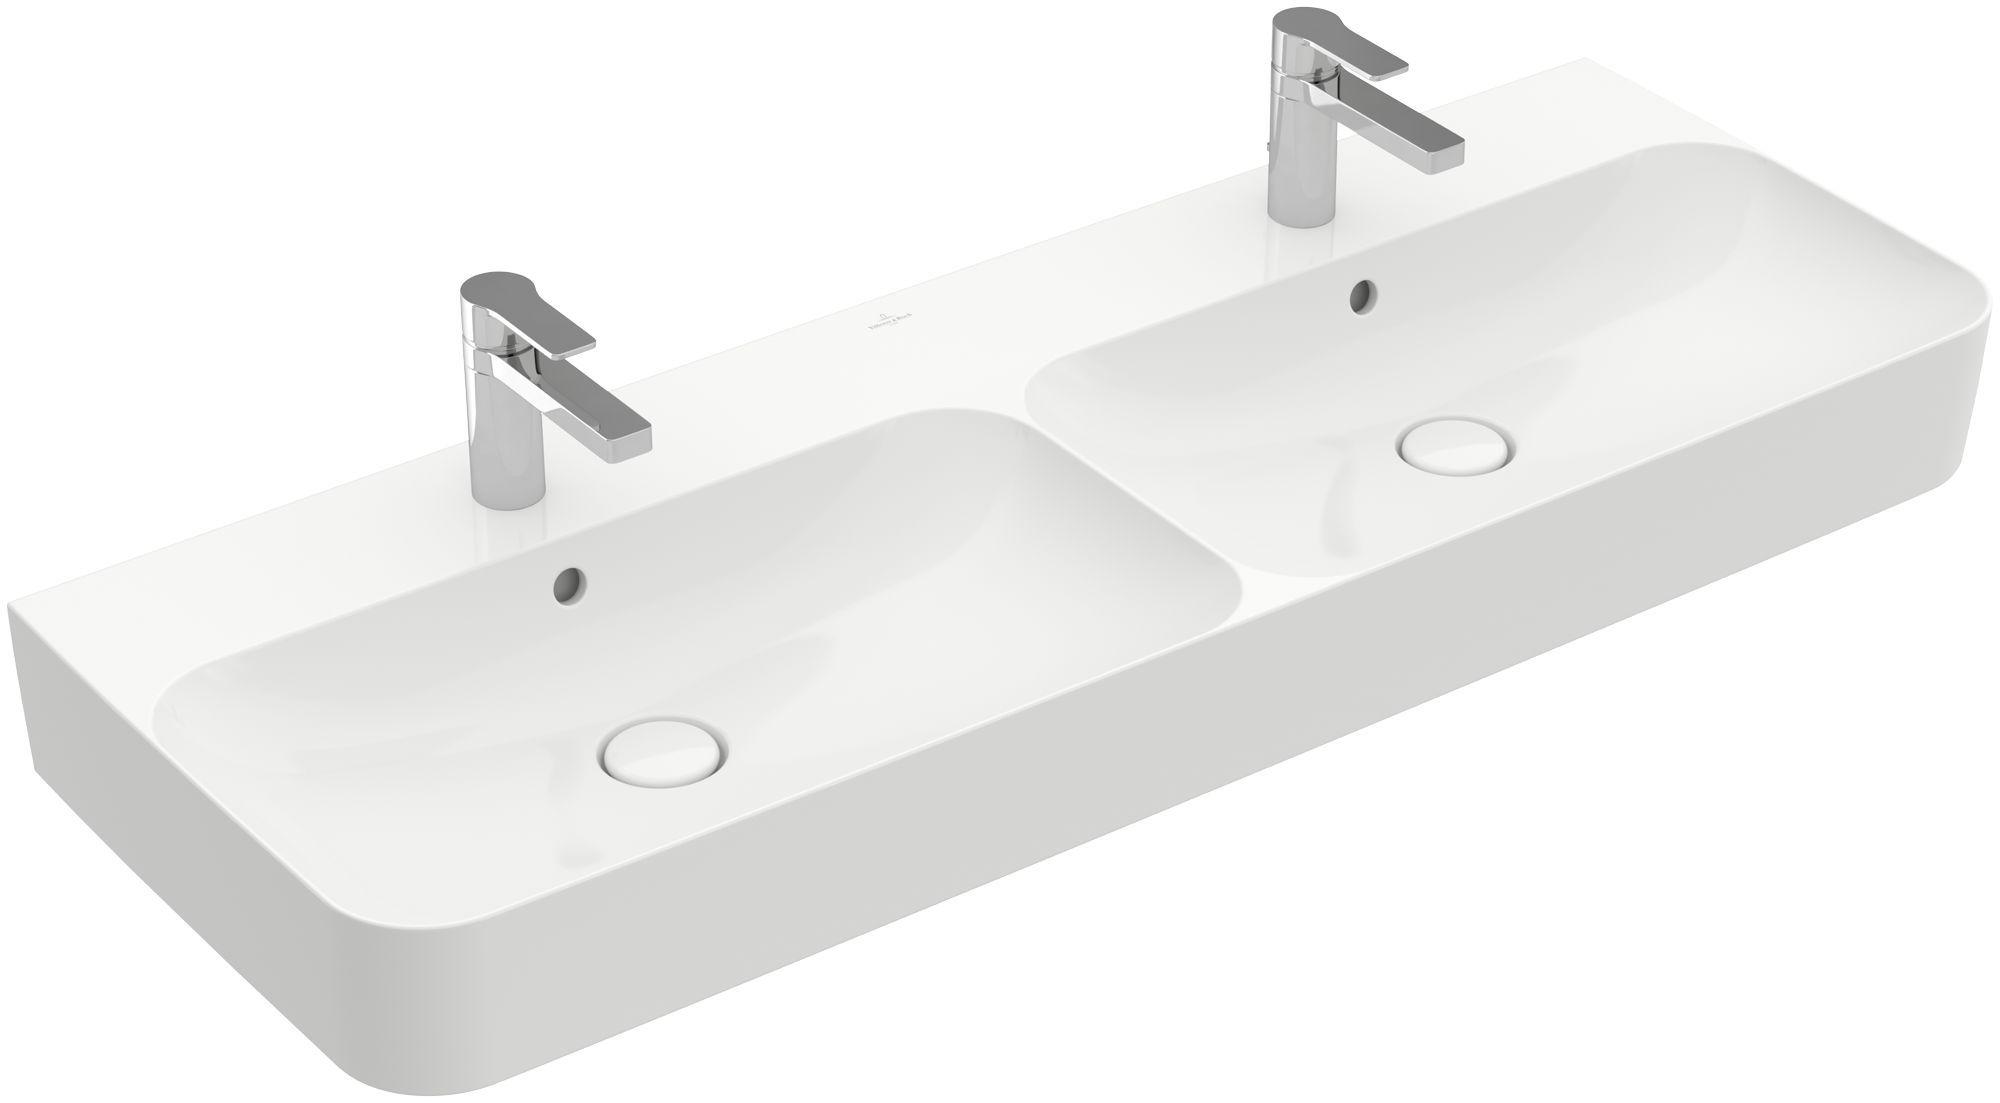 Villeroy & Boch Finion Doppelwaschtisch mit Überlauf 2x1 Hahnloch B:130xT:47cm mit Überlauf 2x1 Hahnloch weiß Ceramicplus 4139DKR1